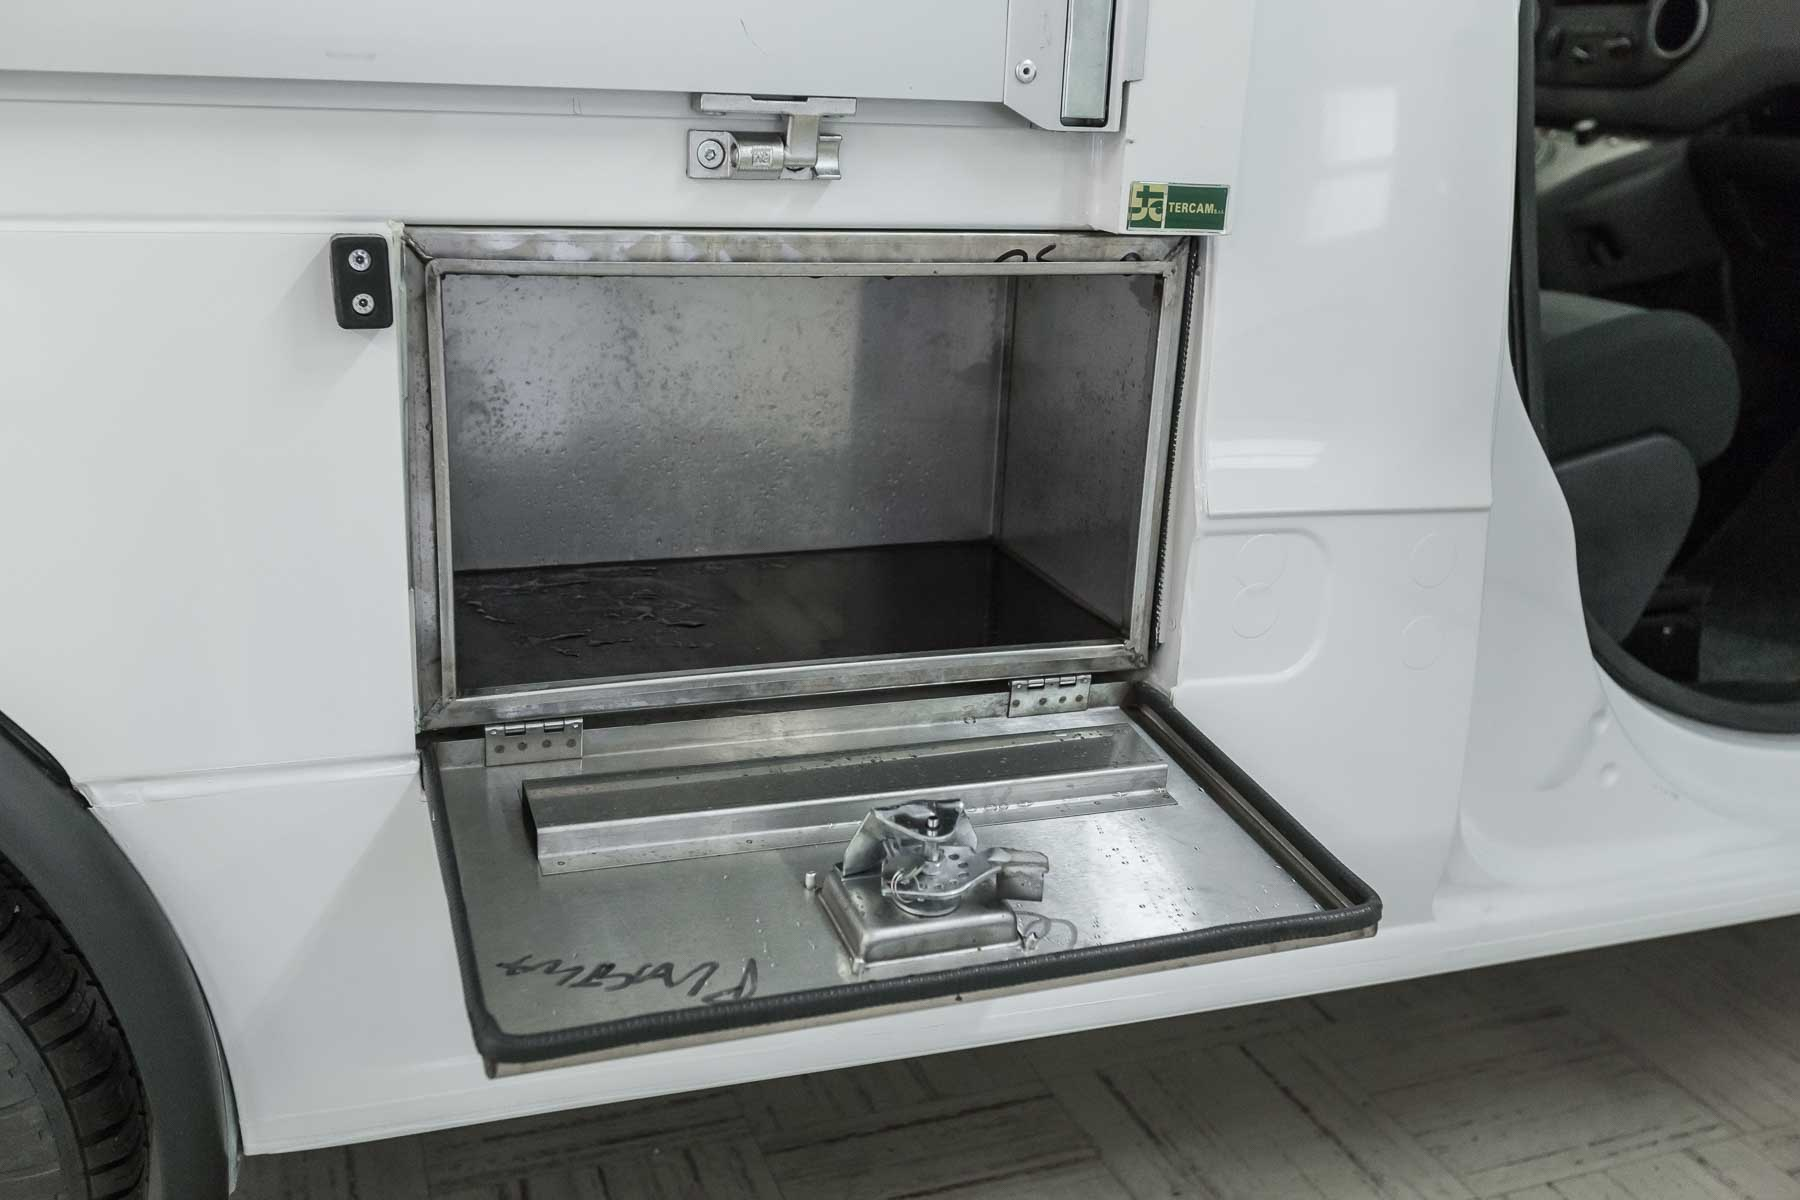 Peugeot Interni Partner Bluehdi 100 L1 Pianale Cabinato km0